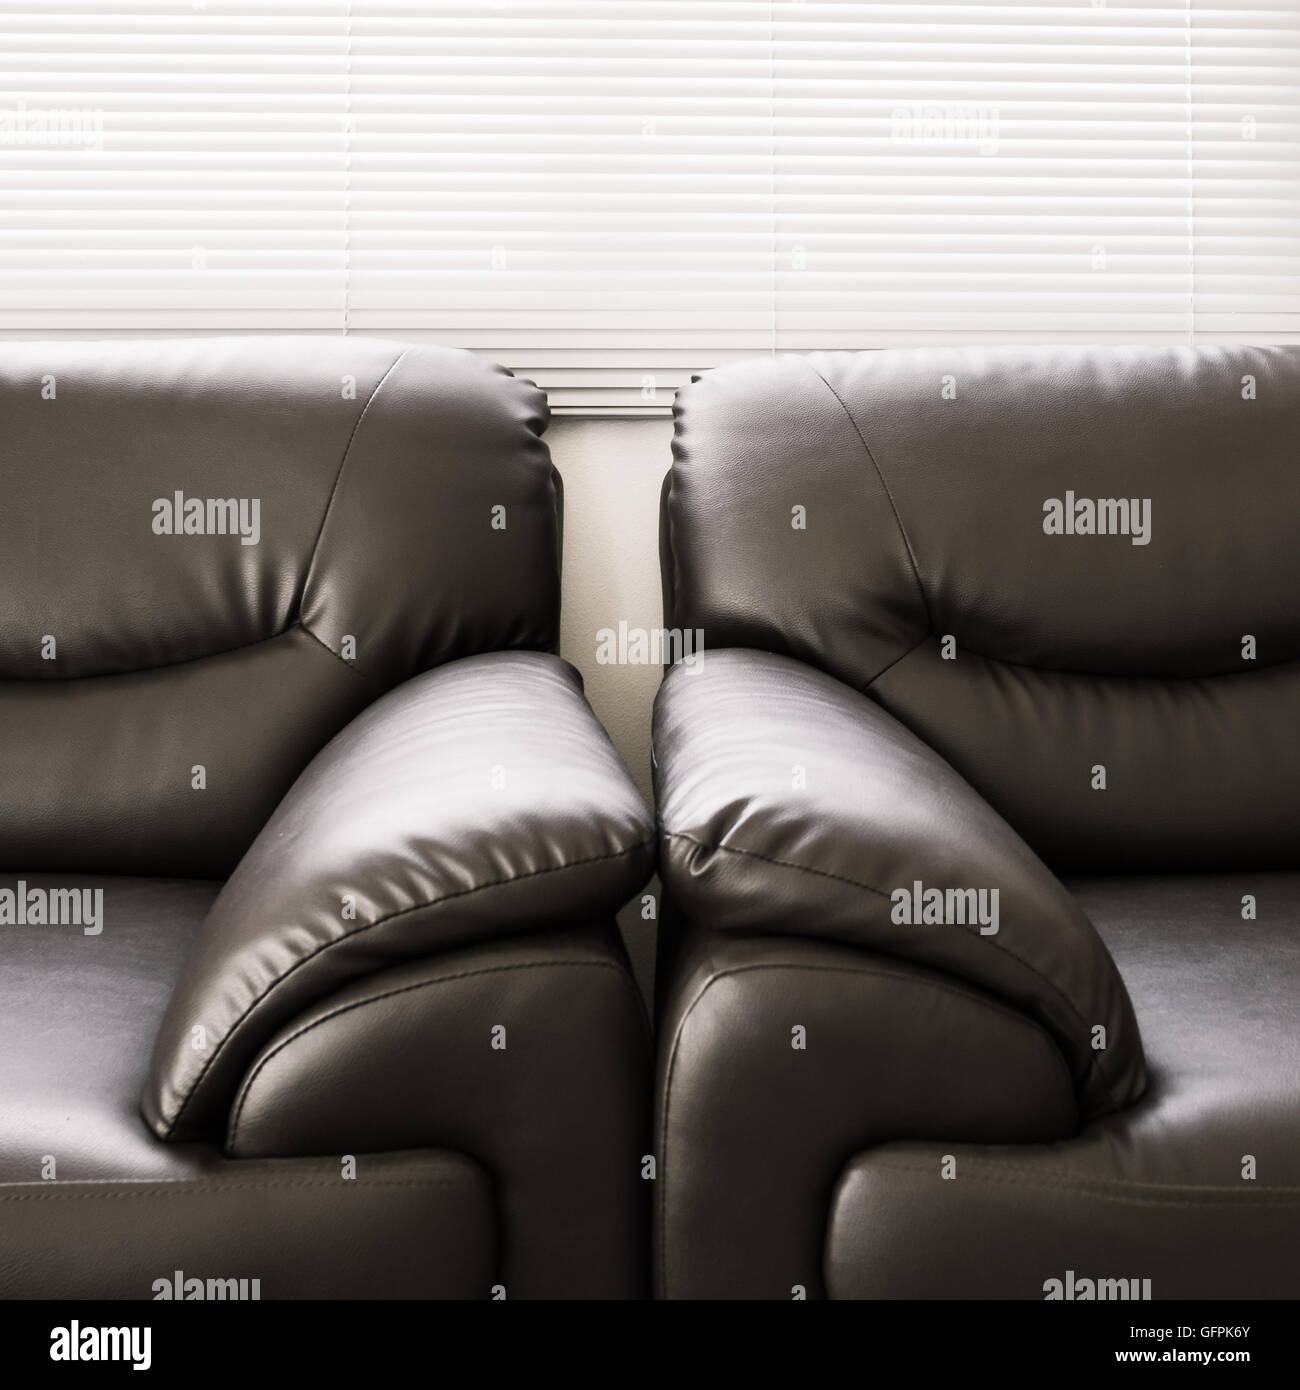 Divani pelle nera mobili in soggiorno Foto & Immagine Stock ...